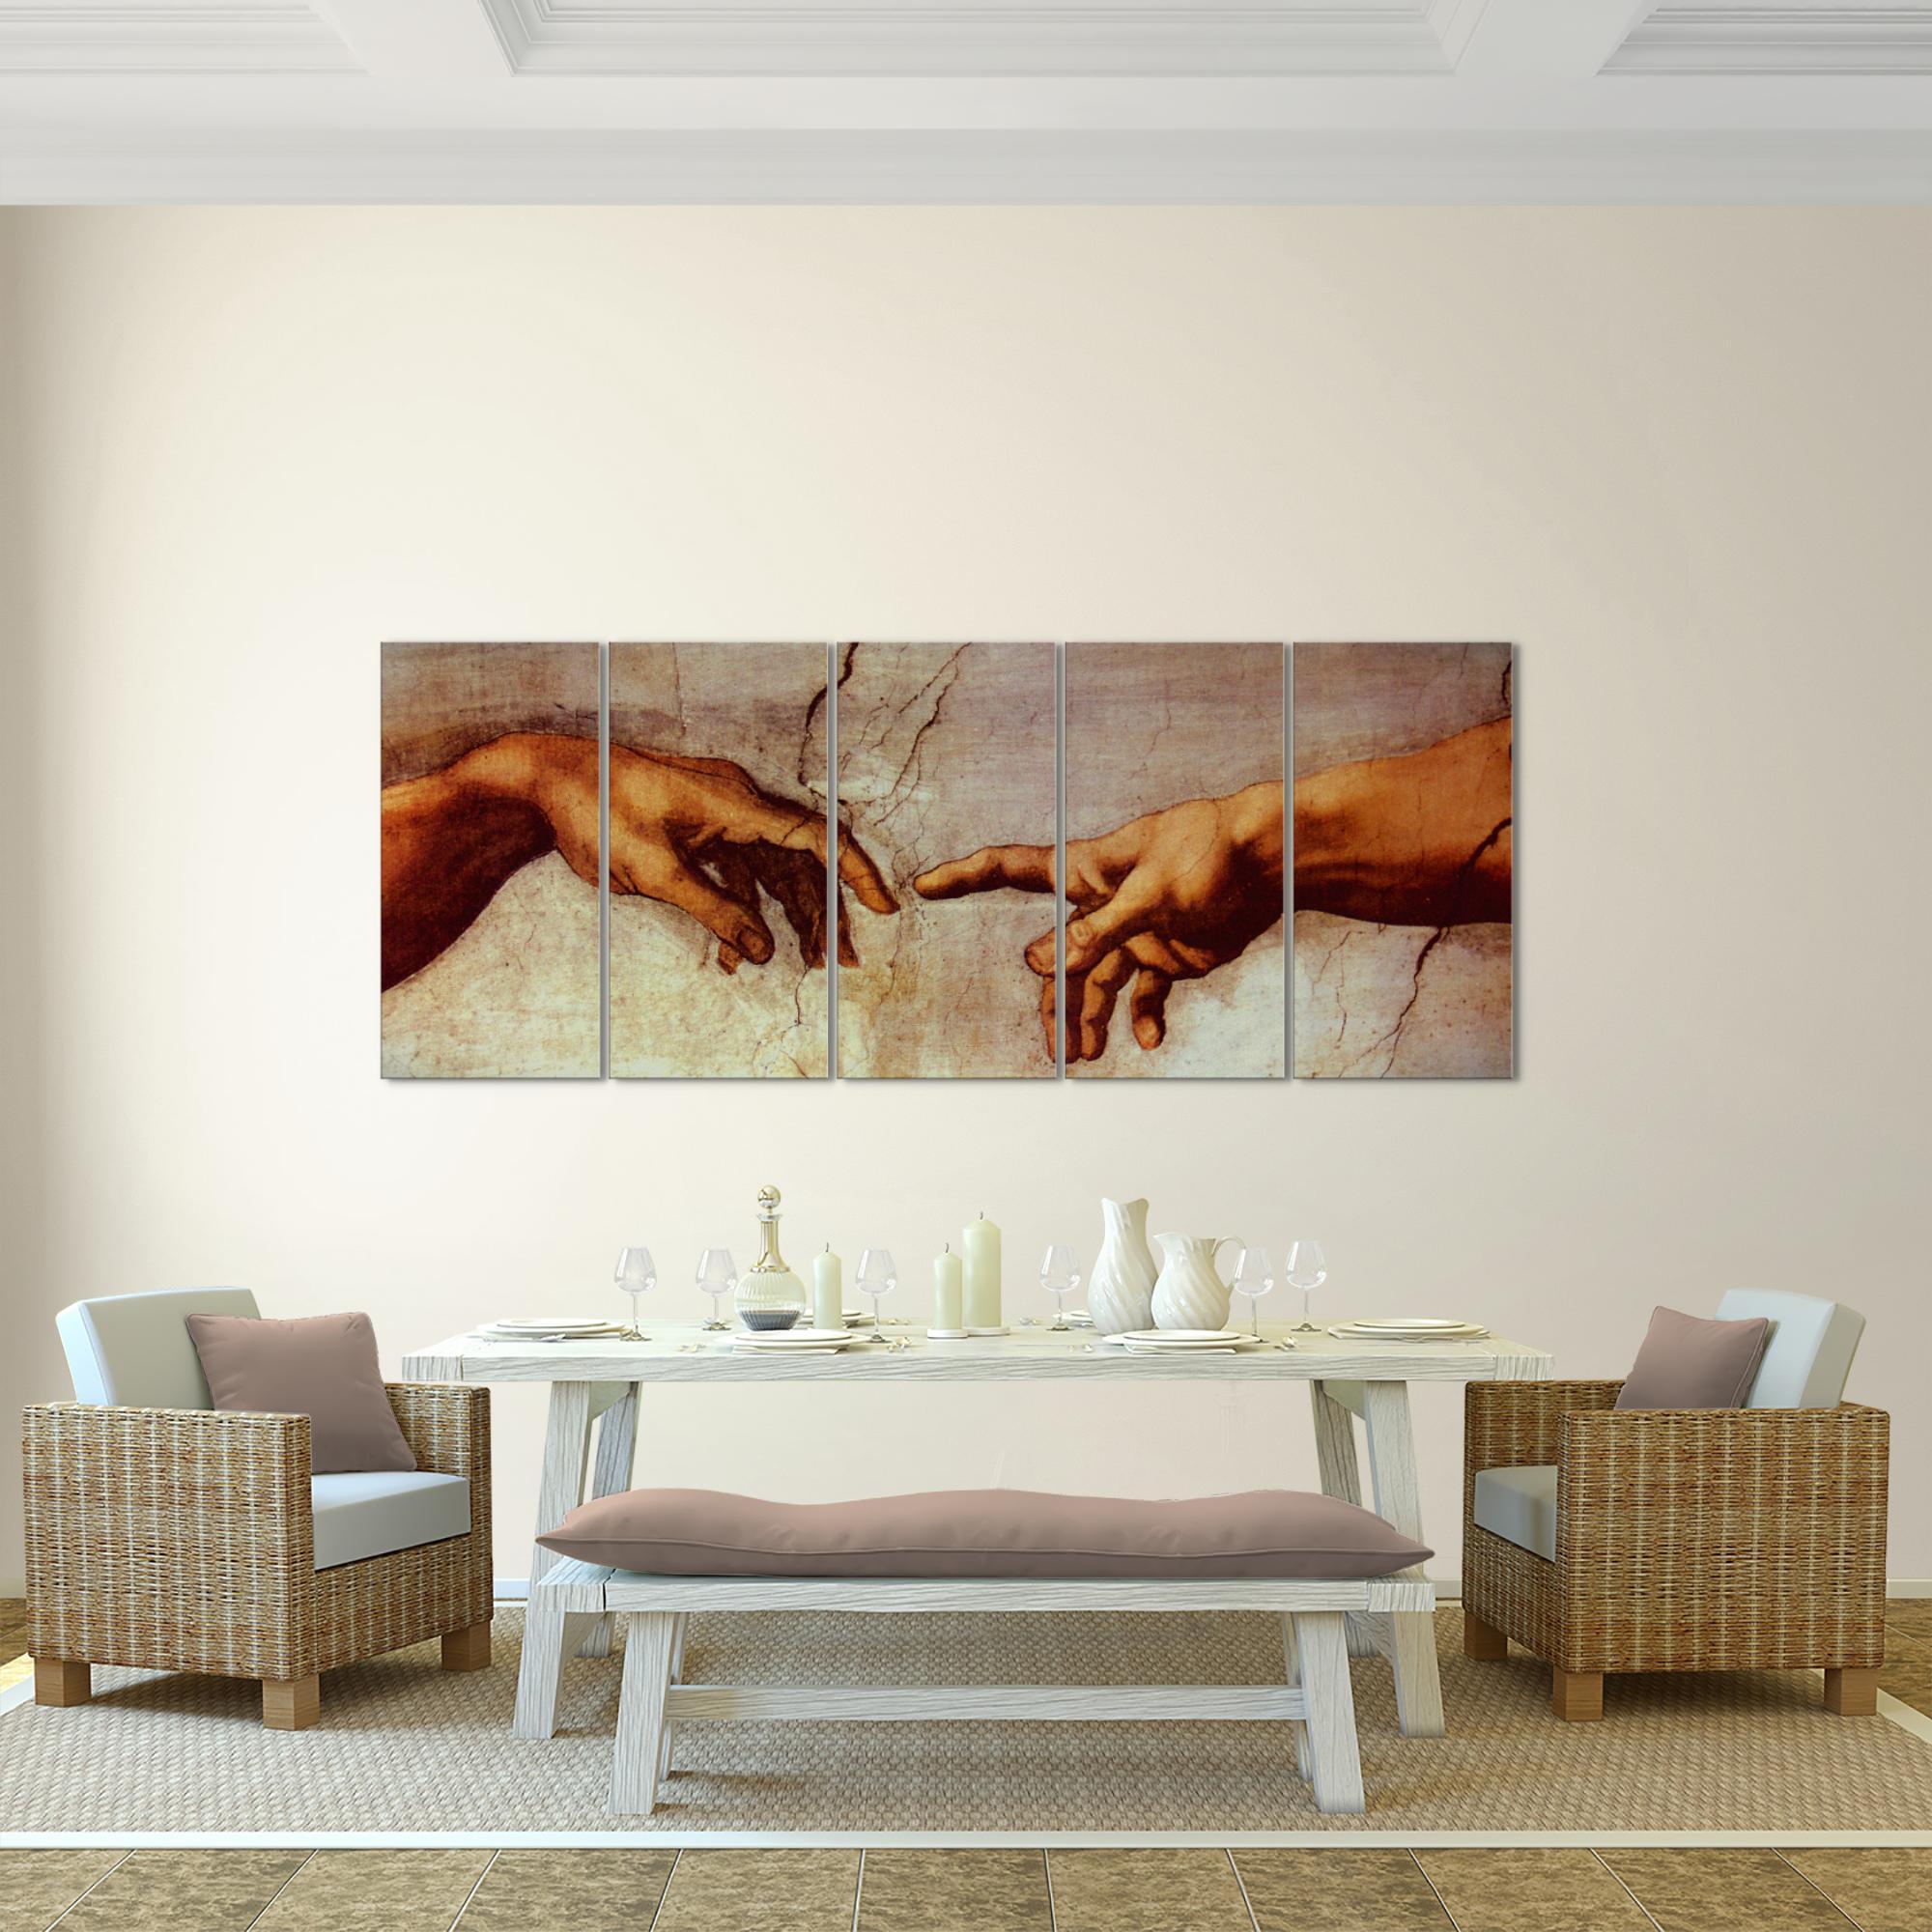 Full Size of Wohnzimmer Wandbilder Leinwand Bild Michelangelo Schaffung Von Adam Xxl Landhausstil Led Deckenleuchte Vinylboden Vitrine Weiß Lampe Deko Deckenleuchten Wohnzimmer Wohnzimmer Wandbilder